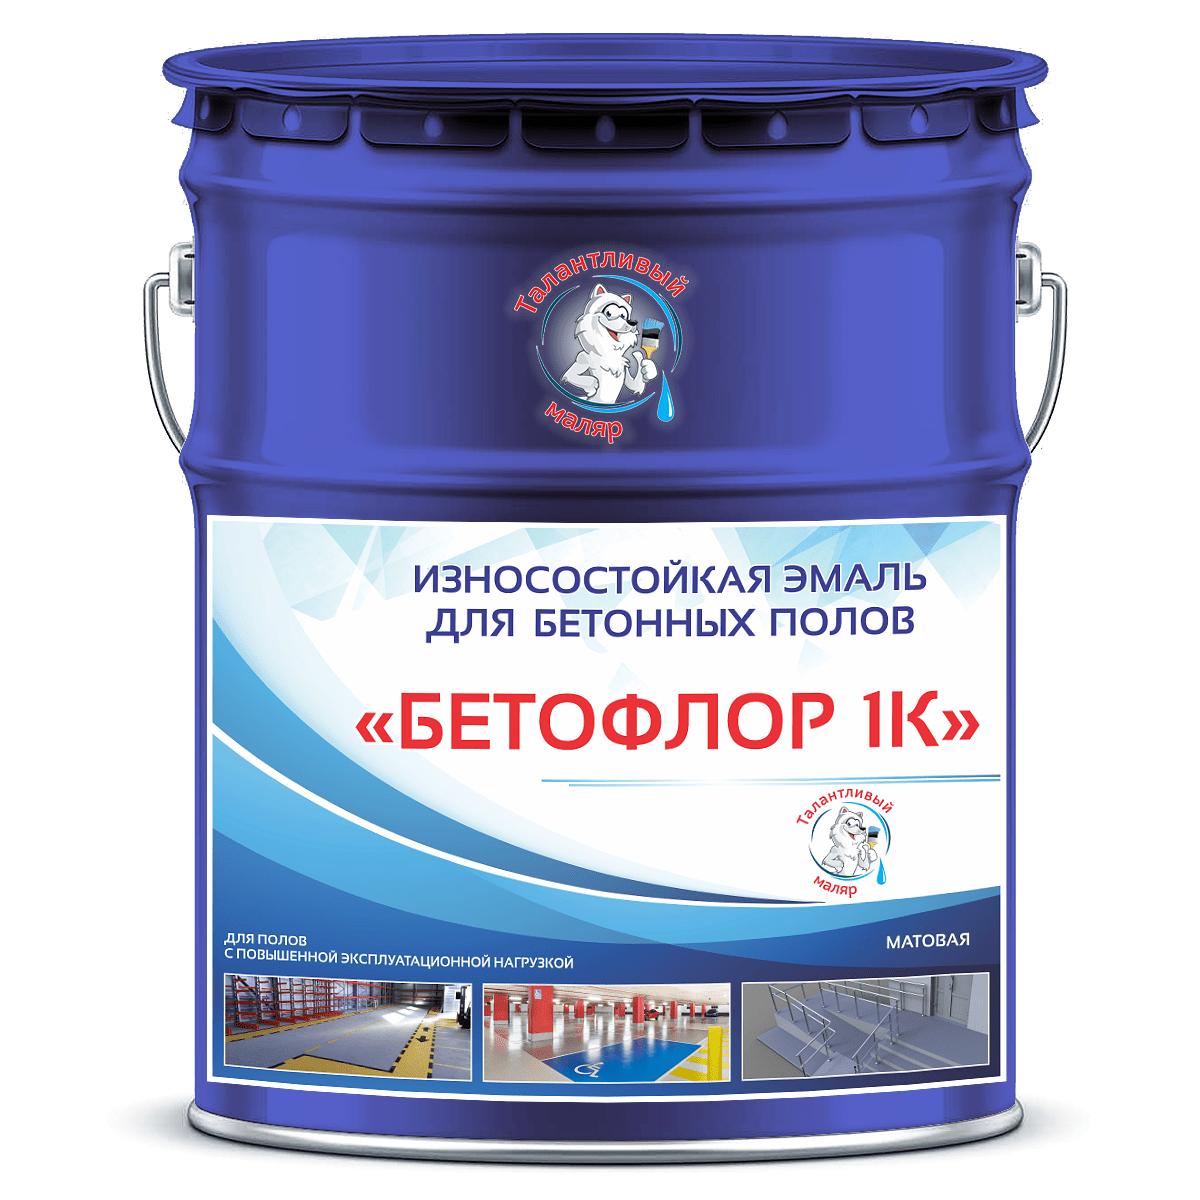 """Фото 18 - BF5005 Эмаль для бетонных полов """"Бетофлор"""" 1К цвет RAL 5005 Сигнальный синий, матовая износостойкая, 25 кг """"Талантливый Маляр""""."""